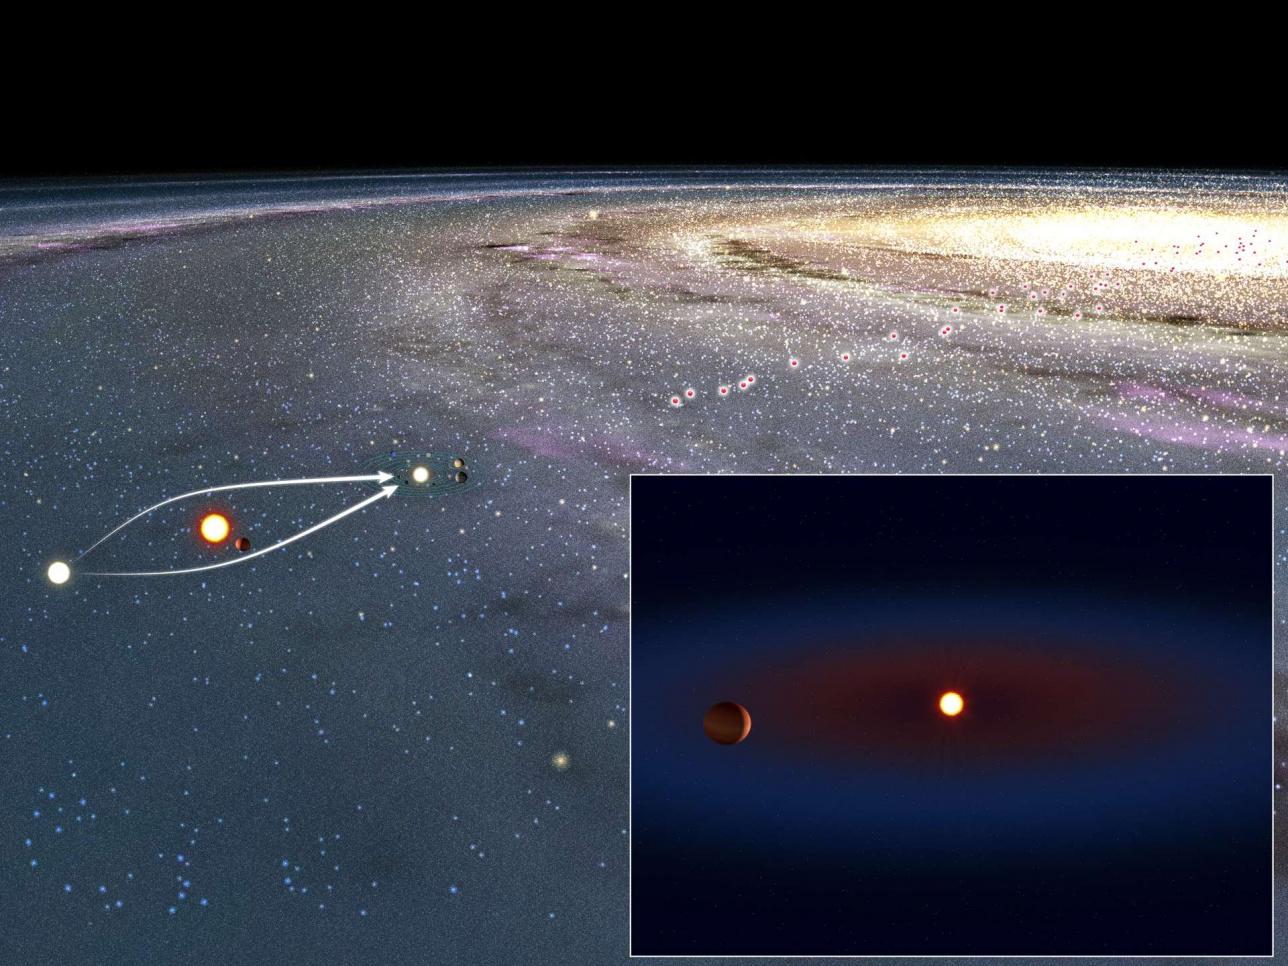 Определение экзопланеты с помощью гравитационного микролинзирования / изображение Токийского Университета, сайт nao.ac.jp